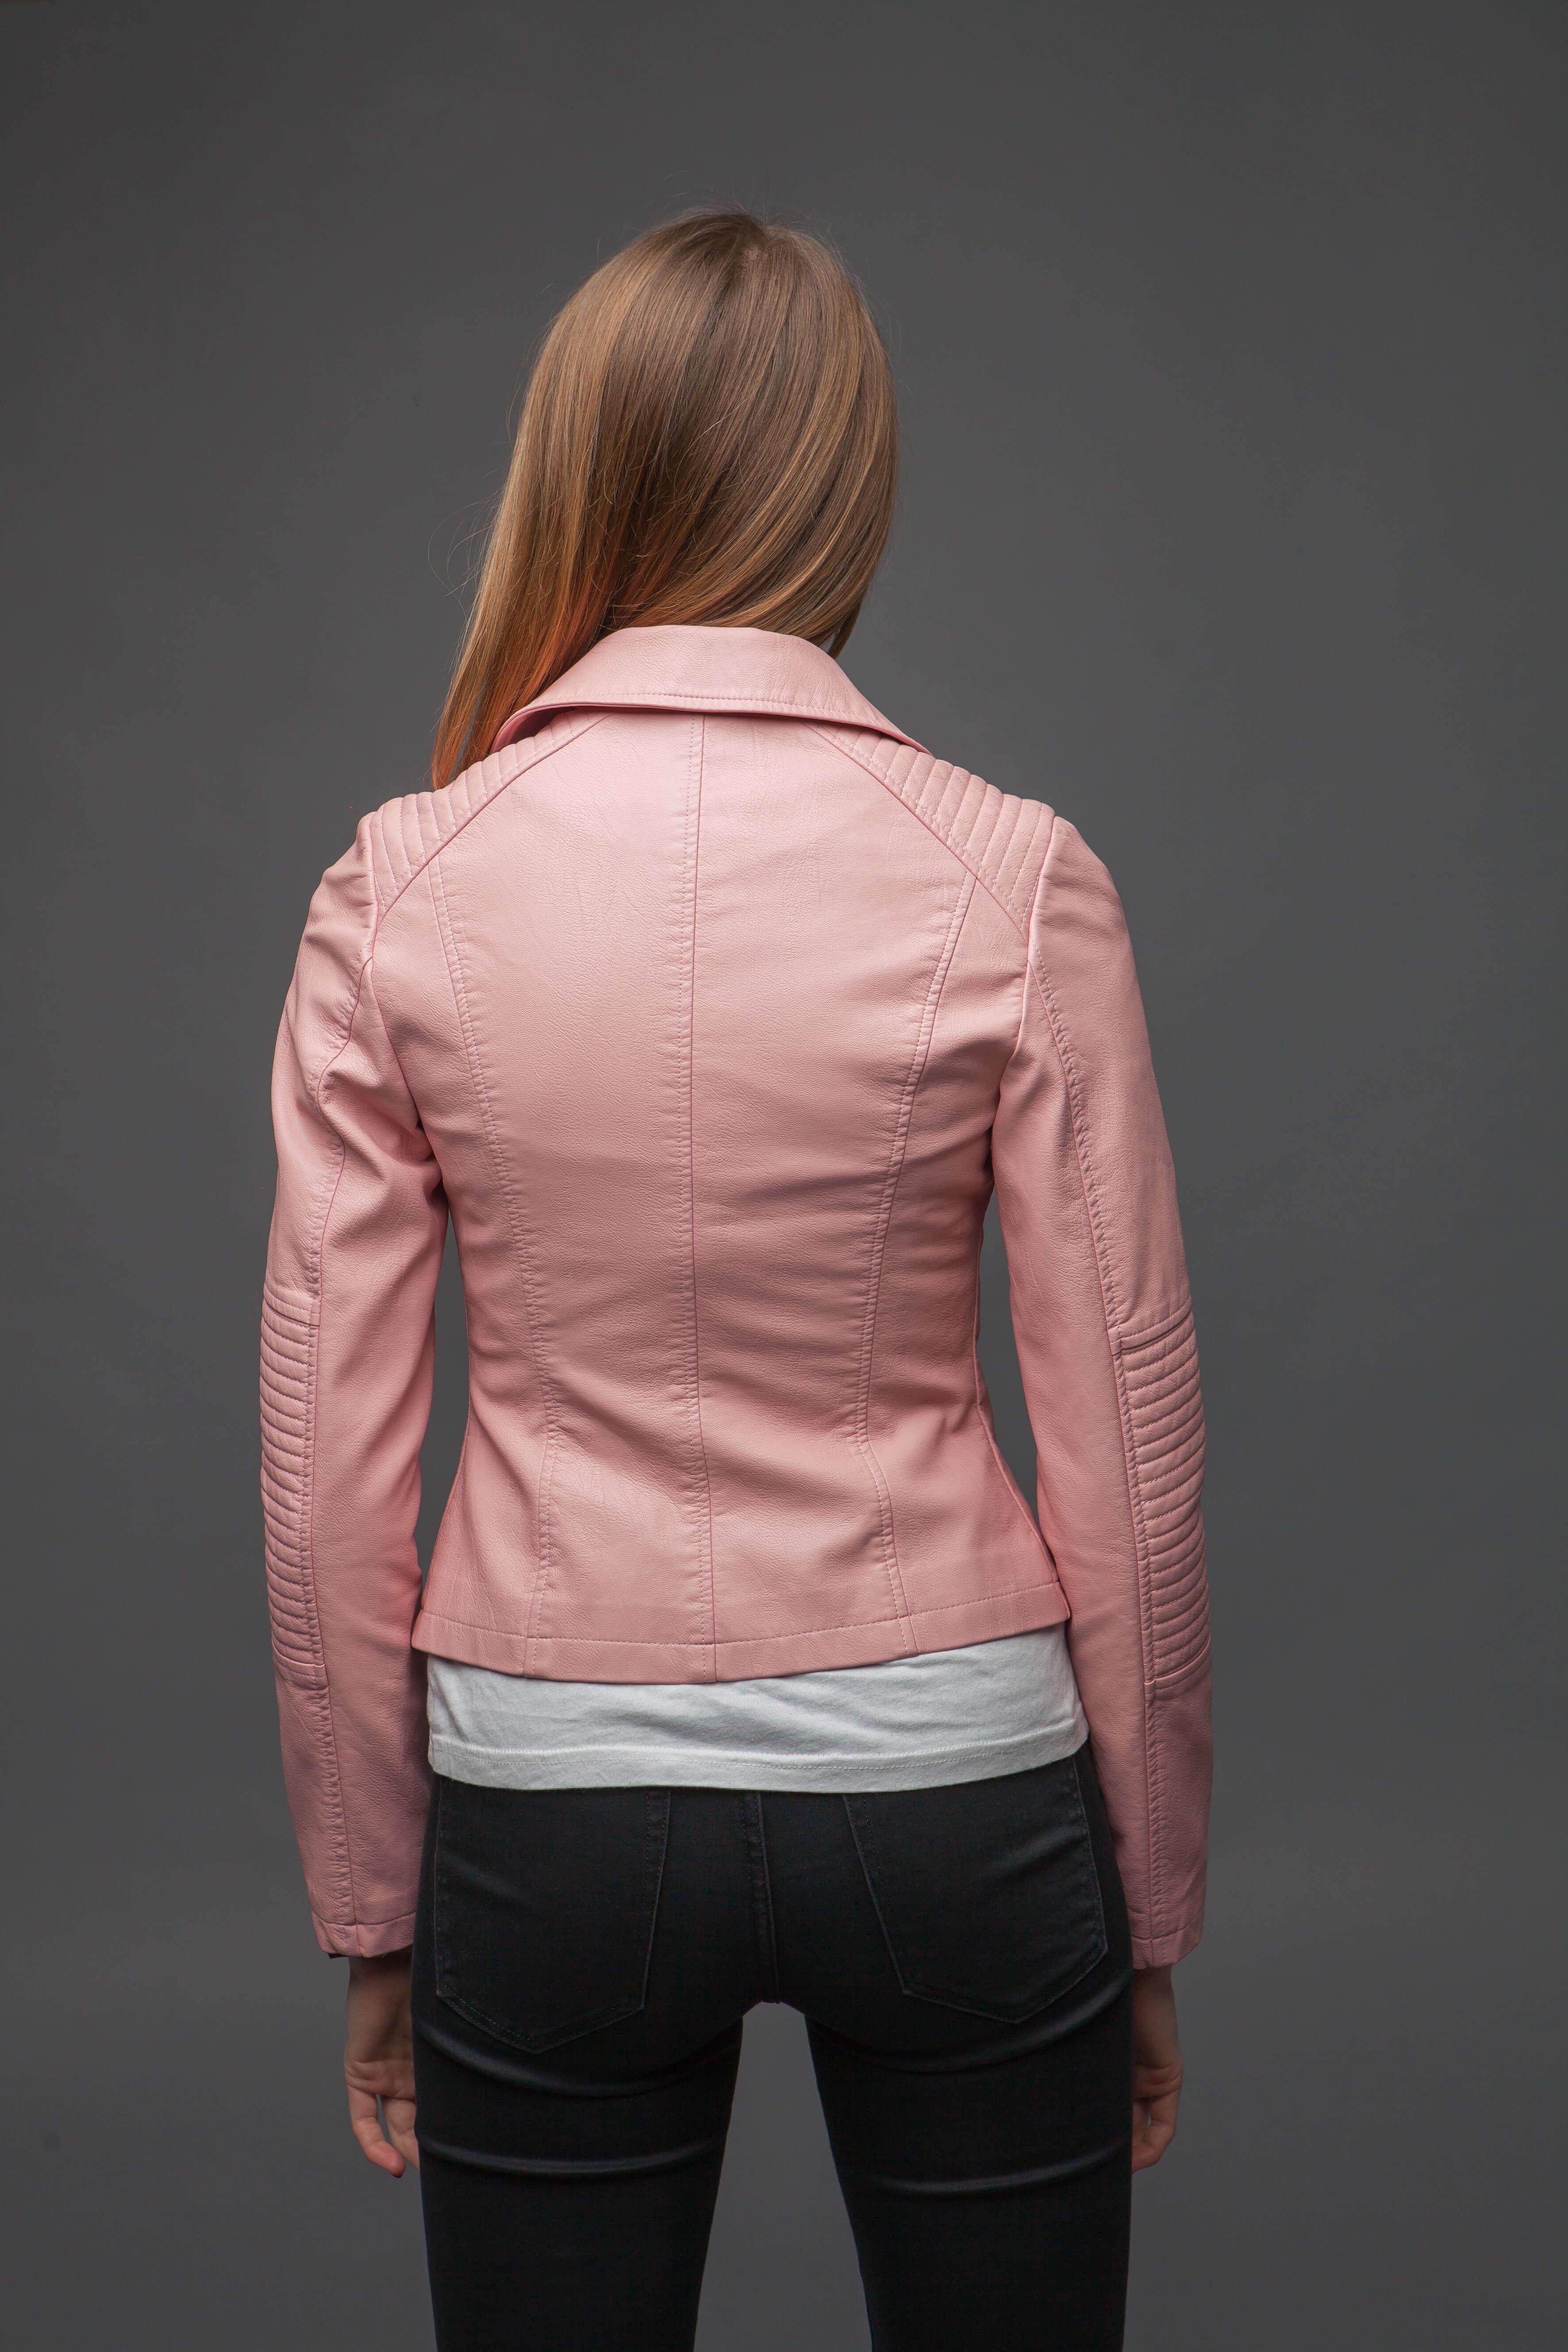 Нежно-розовая куртка из экокожи. Фото 4